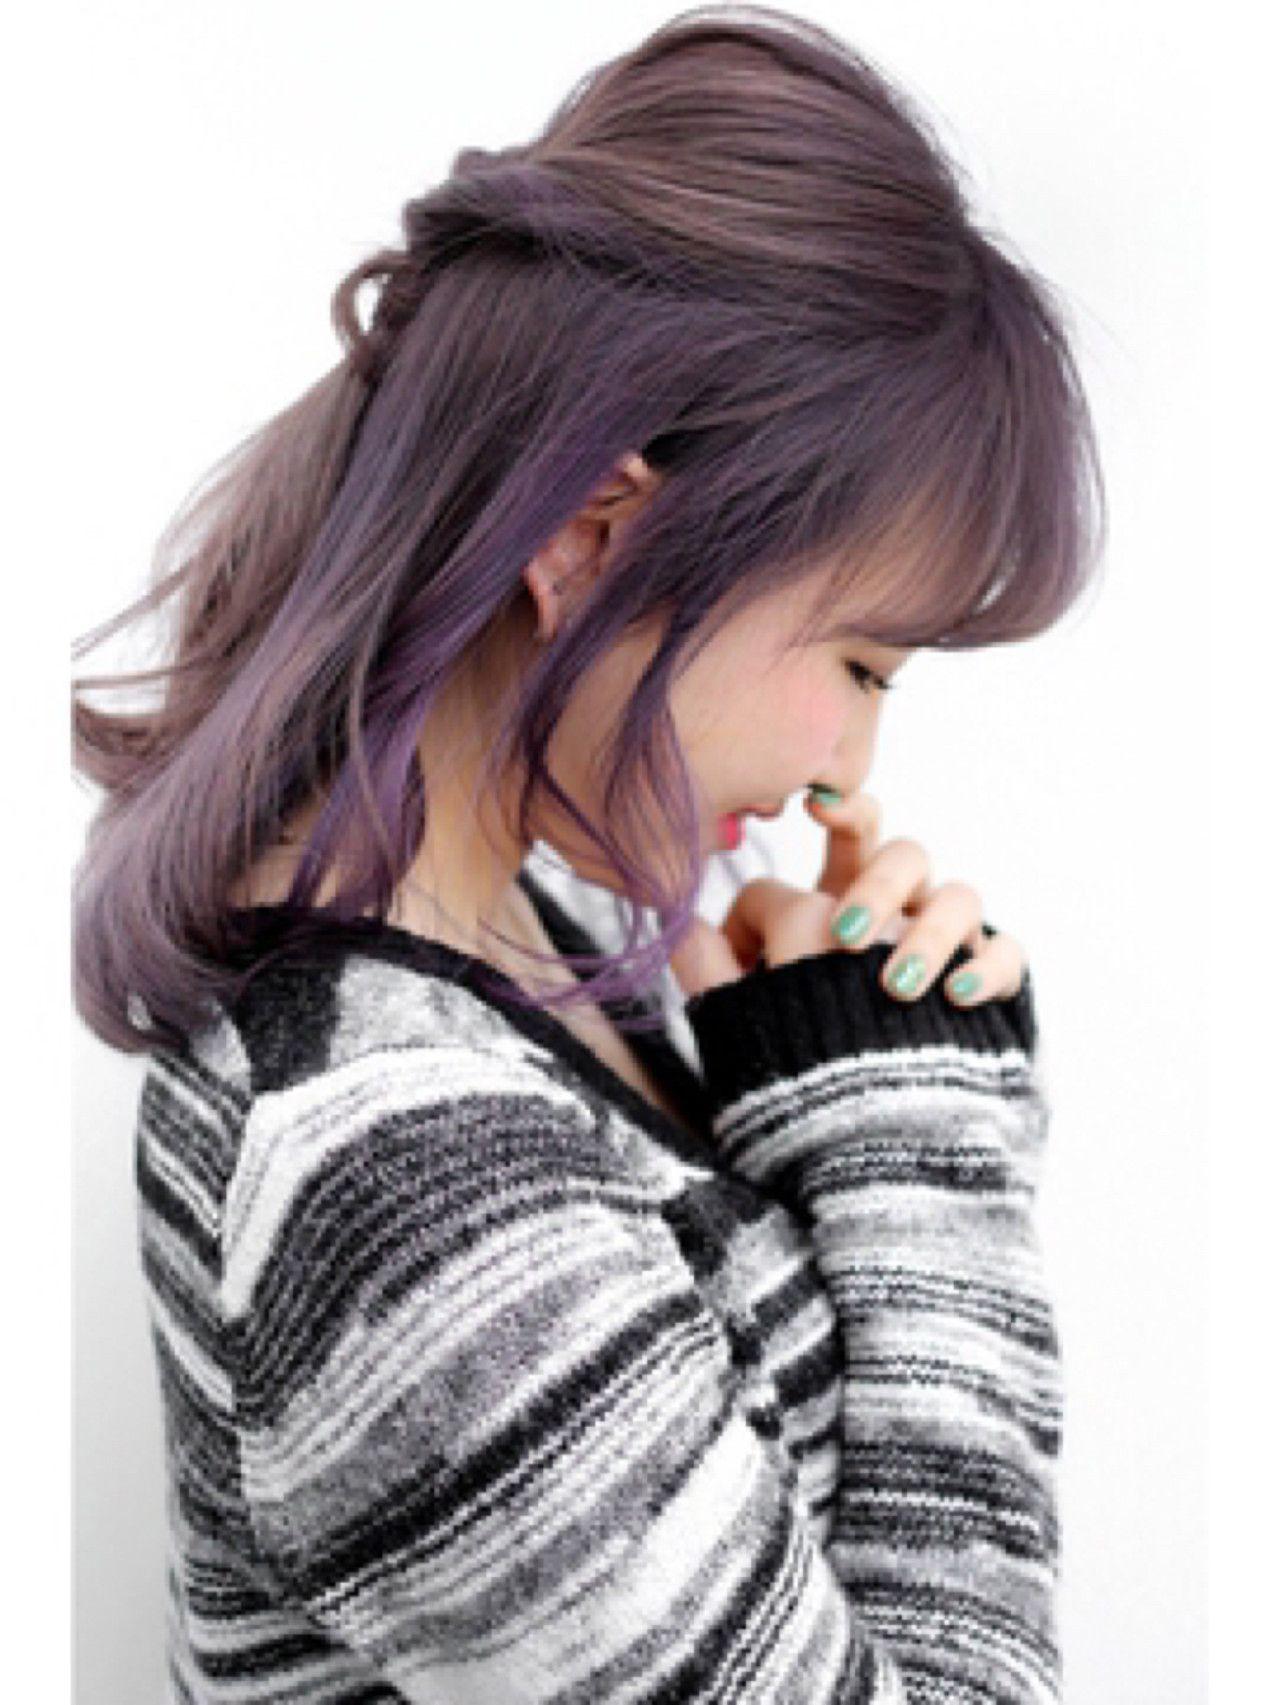 ラベンダーアッシュ 紫ヘアカラーに注目 暗めなら色落ちもオシャレに